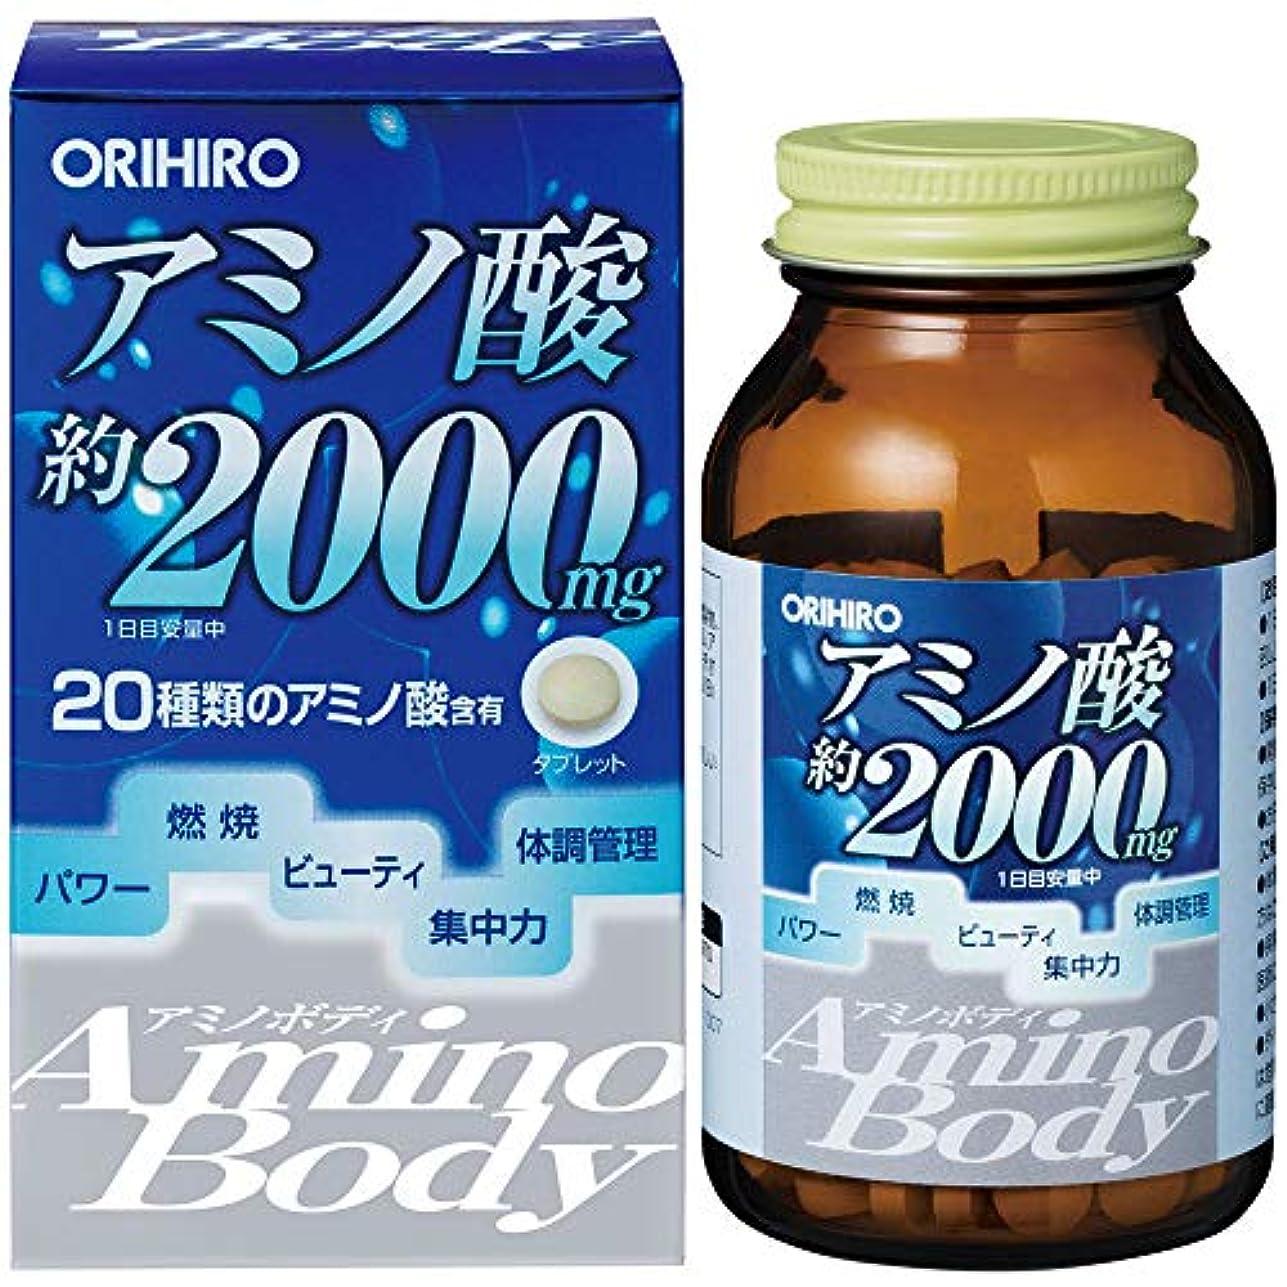 準拠干ばつコーラスオリヒロ Amino Body アミノボディ(大豆ペプチド)